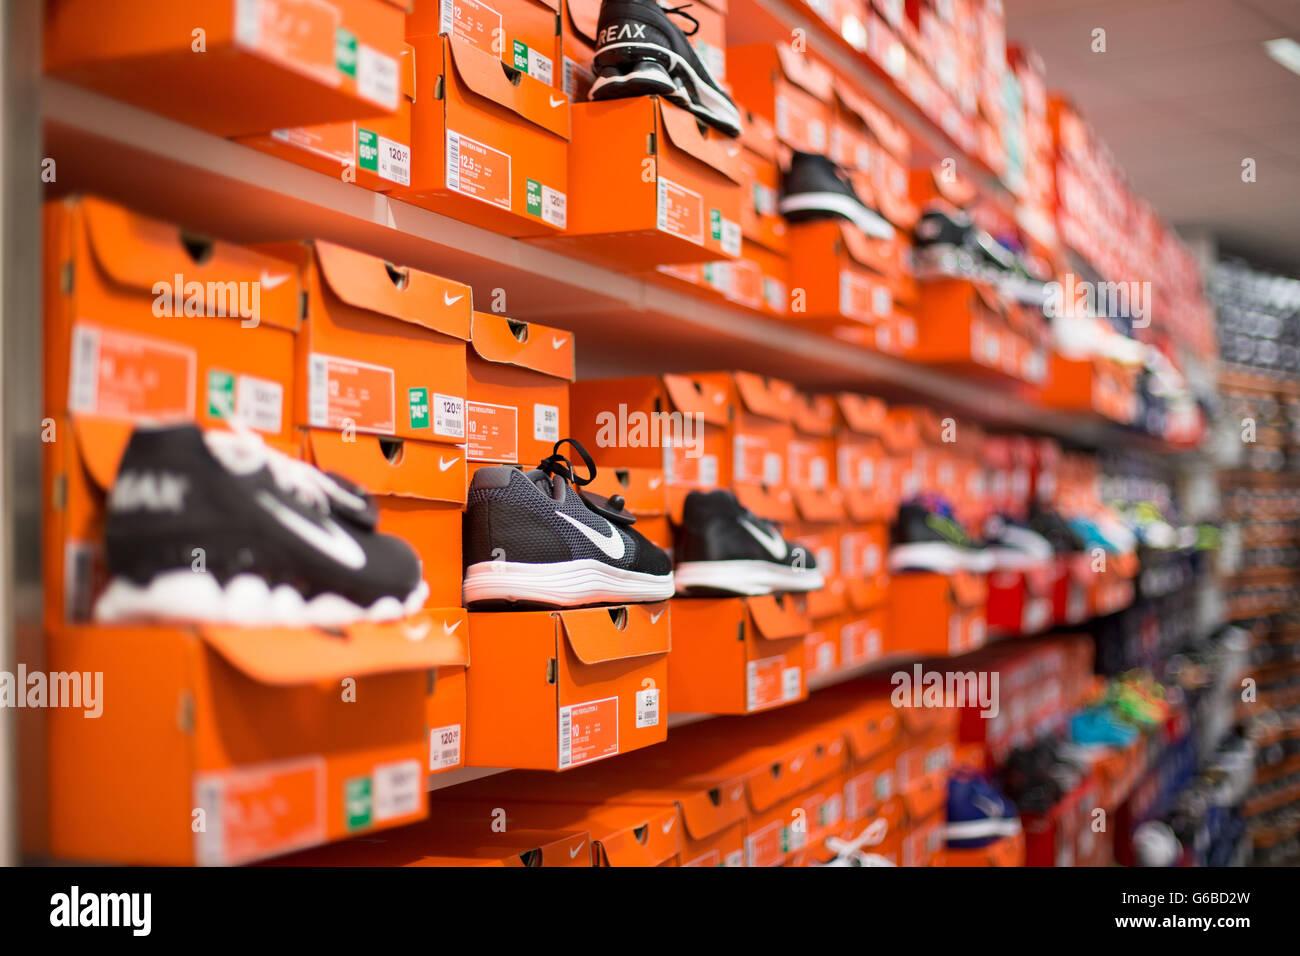 sale at a Deichmann Stock Photo